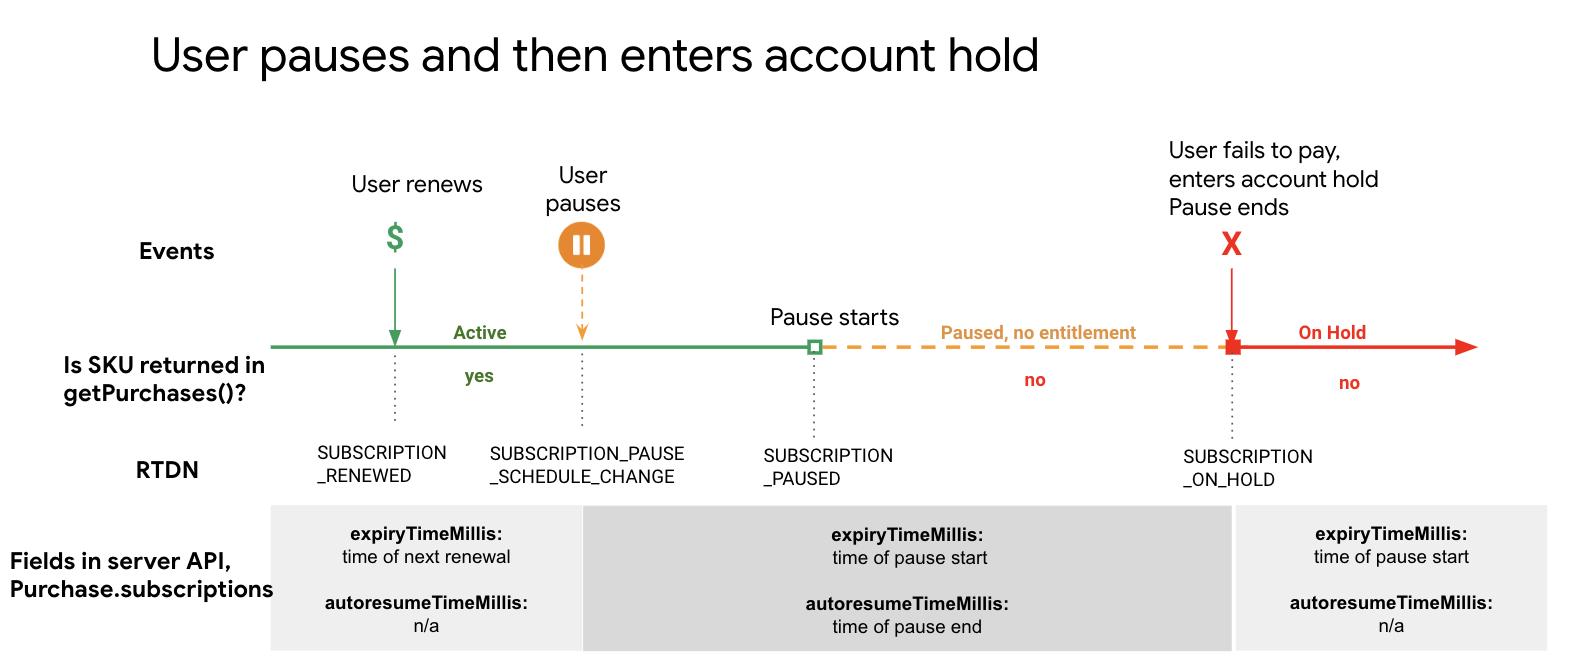 定期購入の一時停止状態からアカウントの一時停止状態に移行する図。